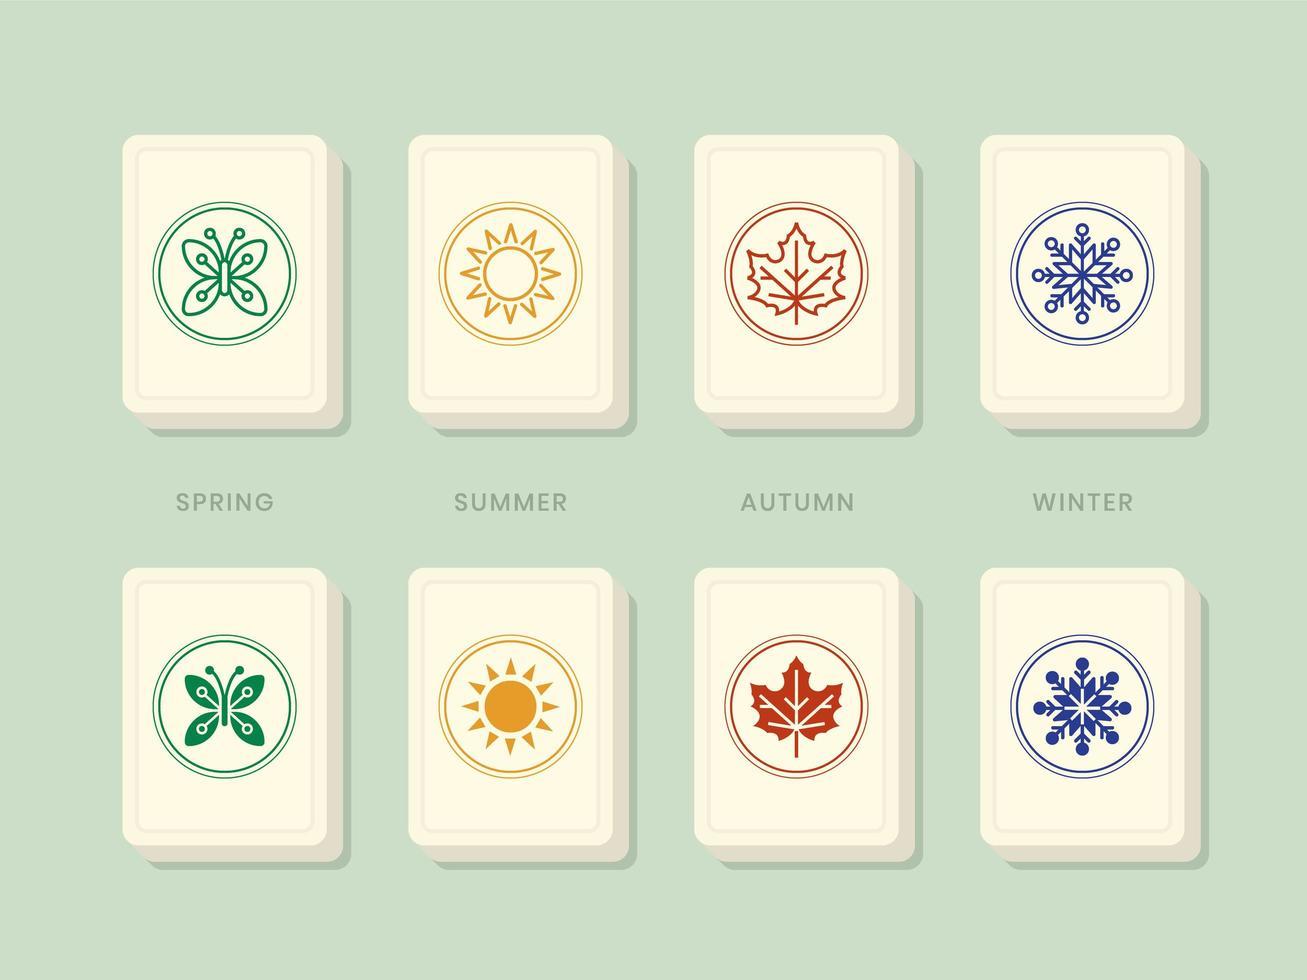 mahjong bonus säsonger brickor vektor